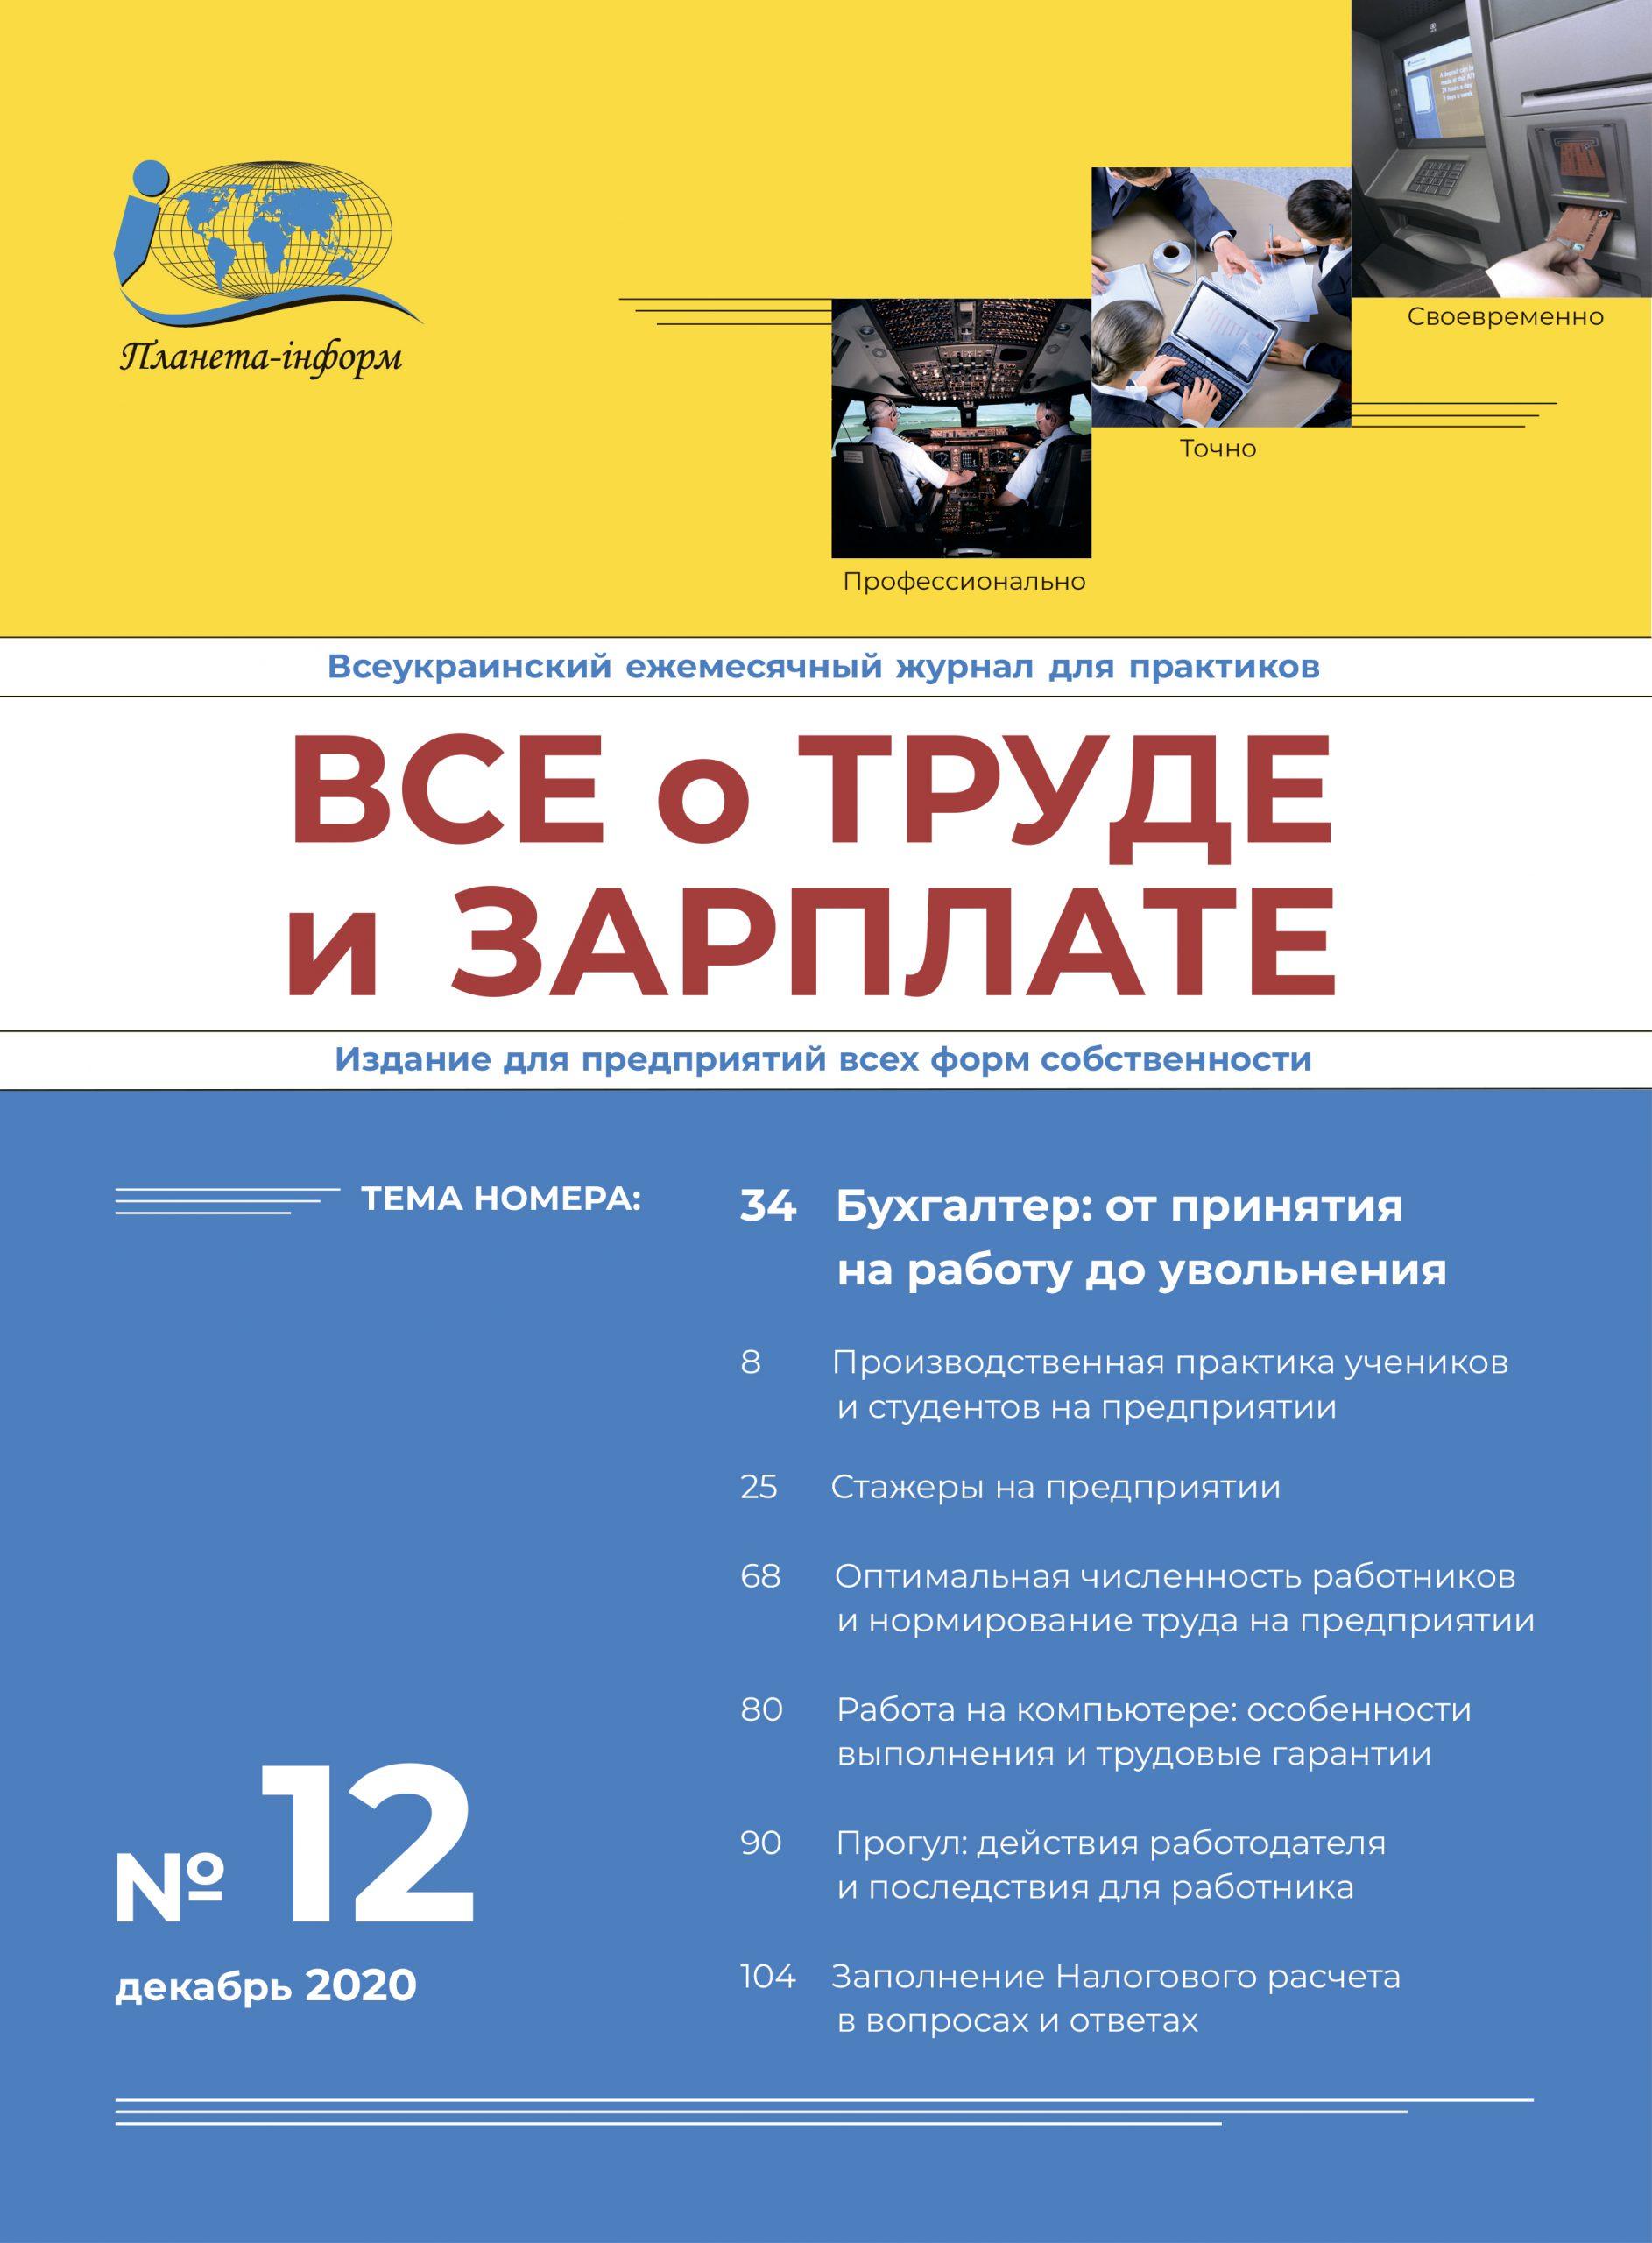 Журнал «Все о труде и зарплате» № 12/2020